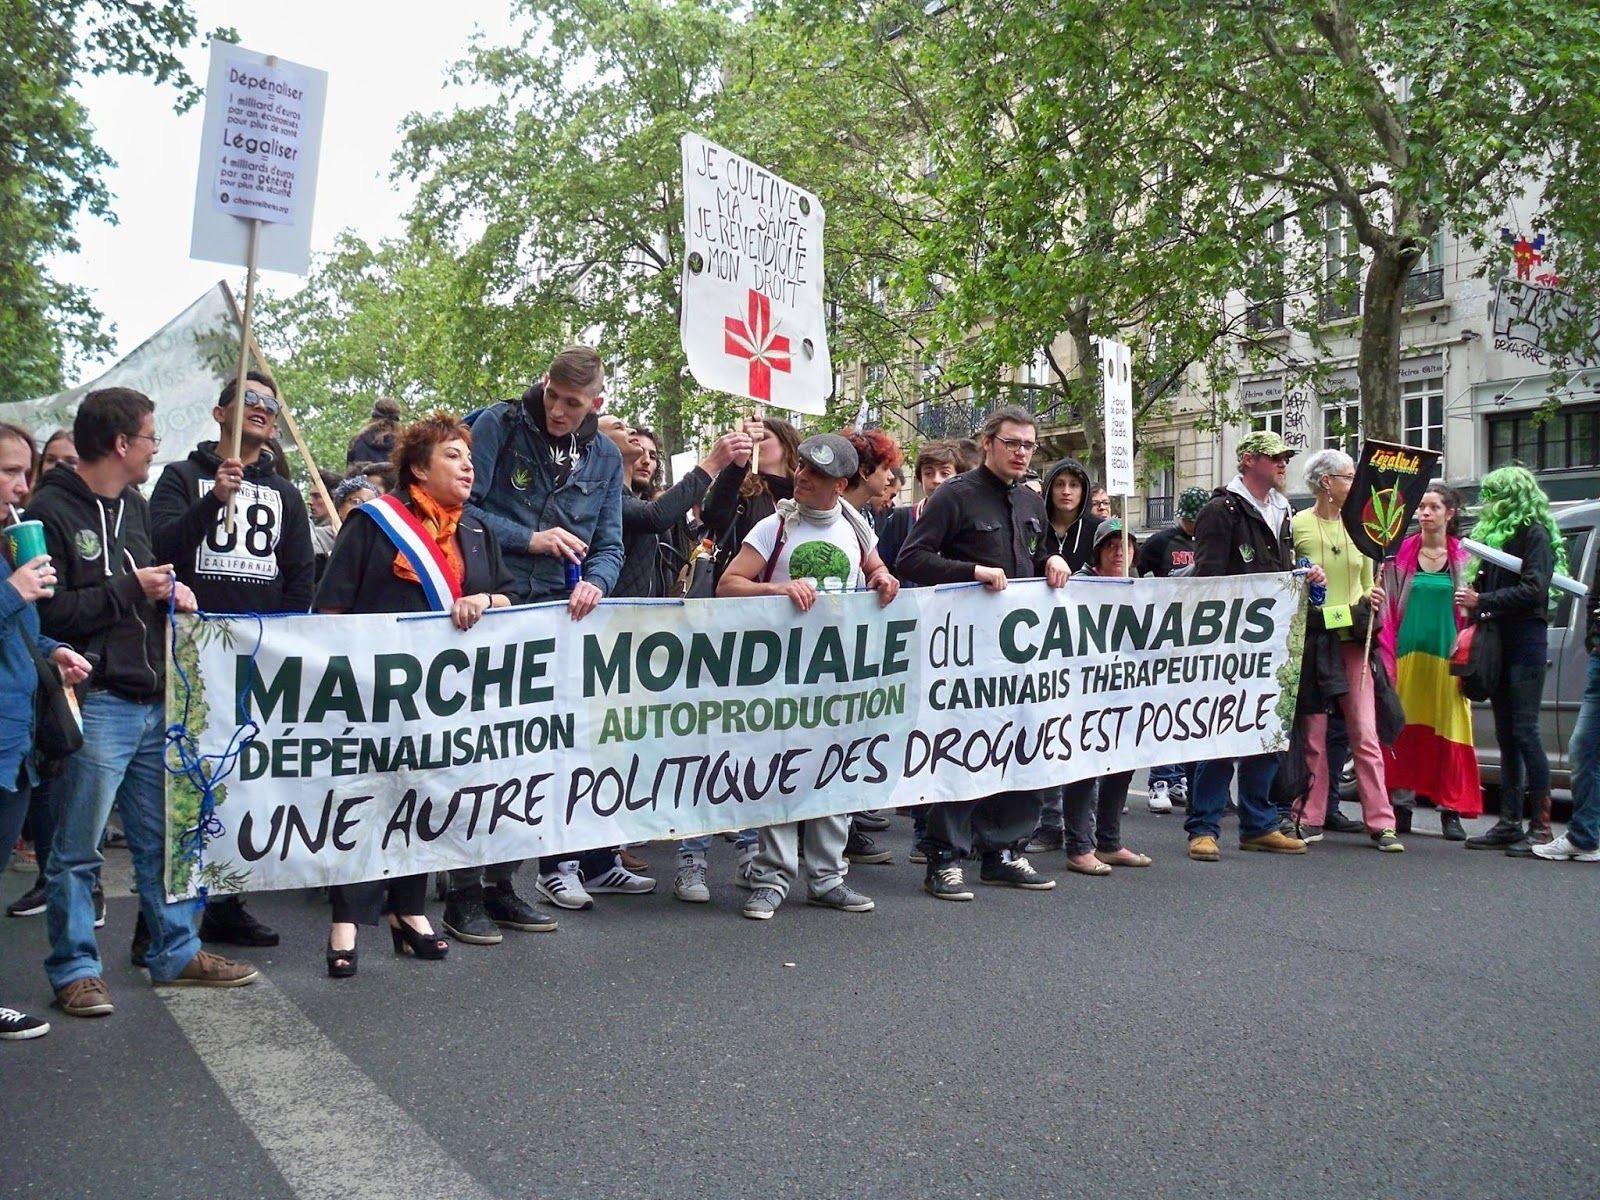 Bilan de la Marche Mondiale du Cannabis 2016